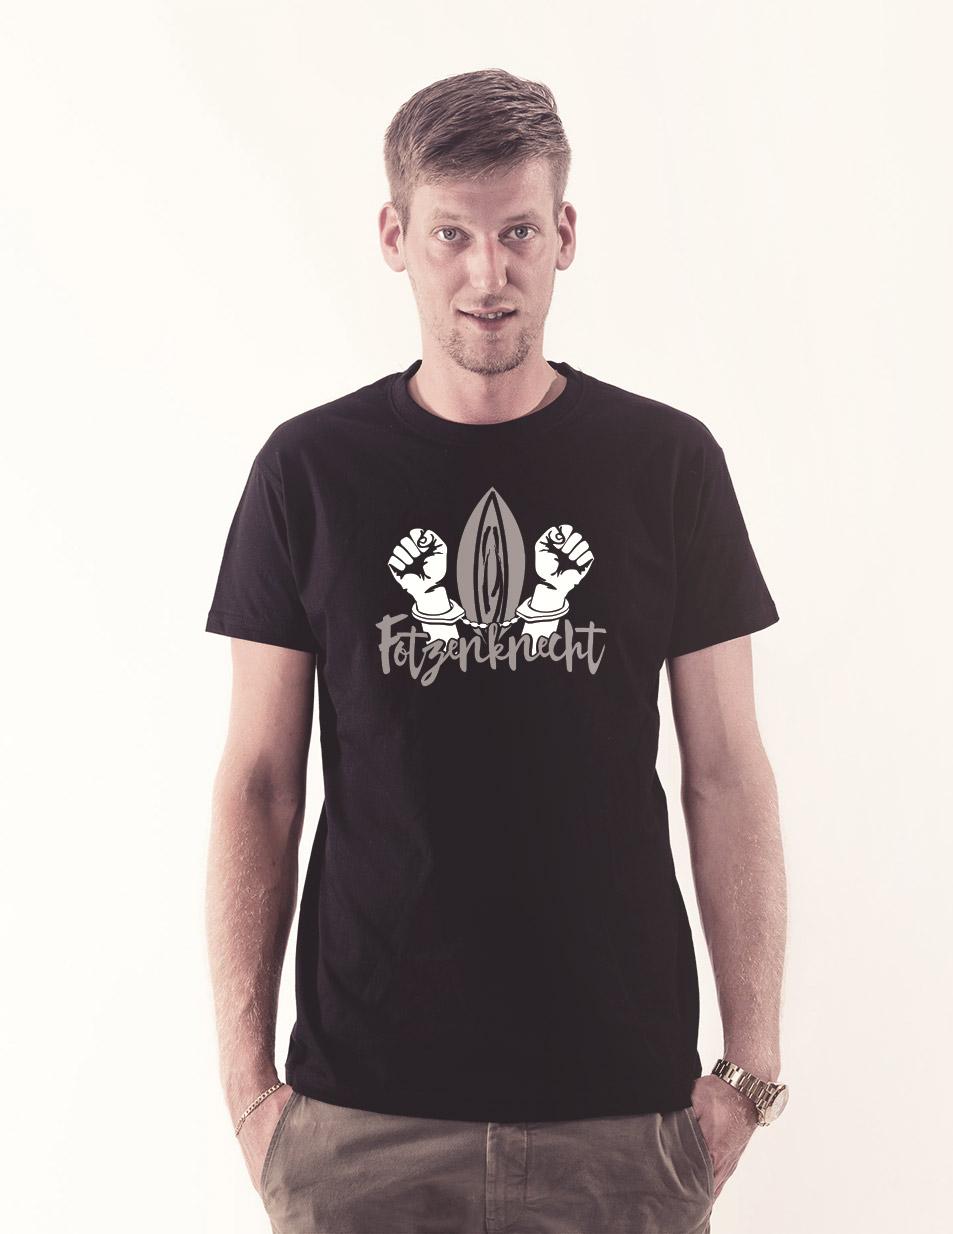 Fotzenknecht T-Shirt mehrfarbig auf schwarz